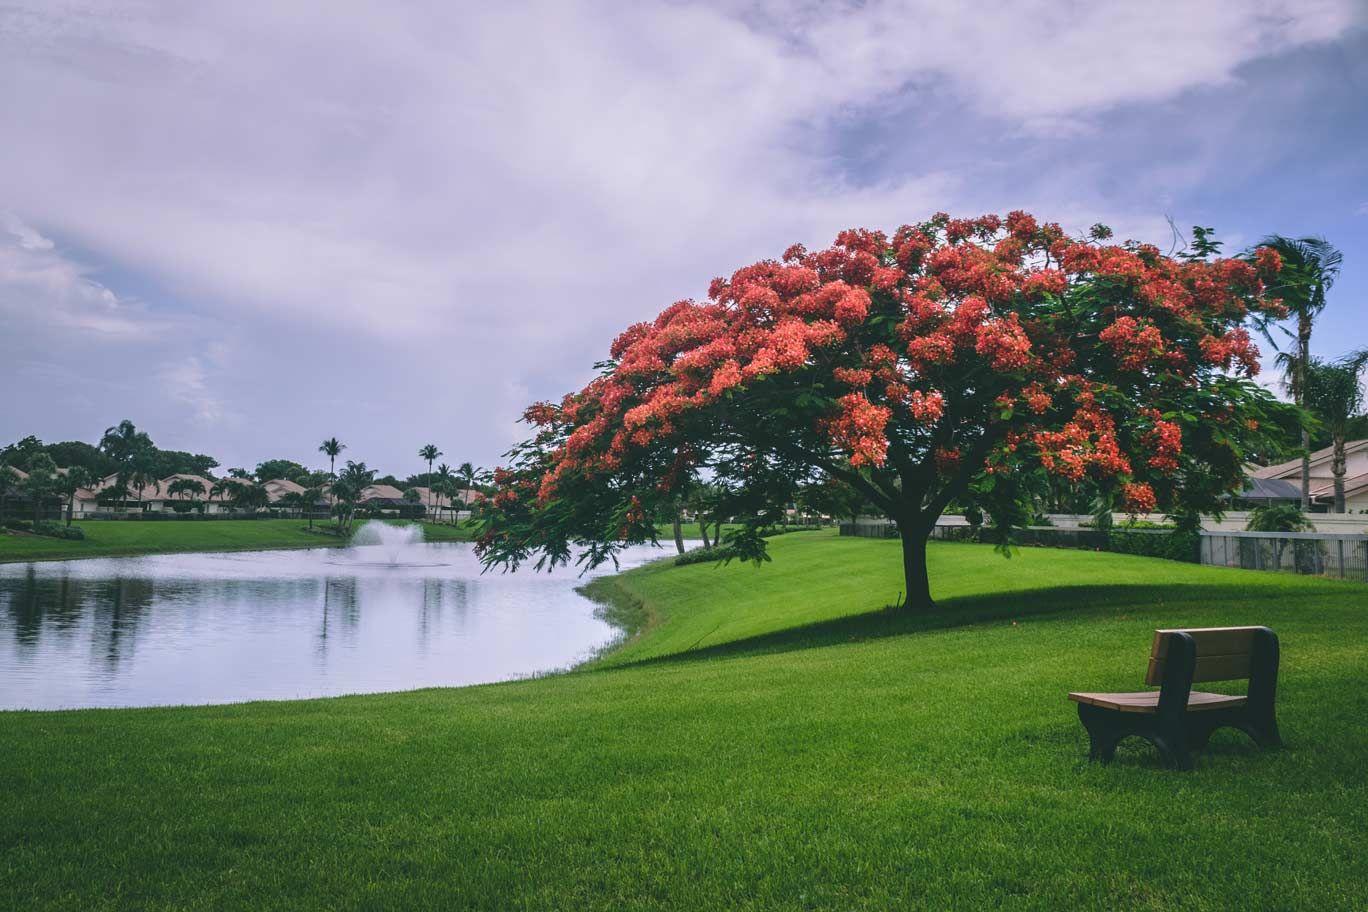 Sentosa Park